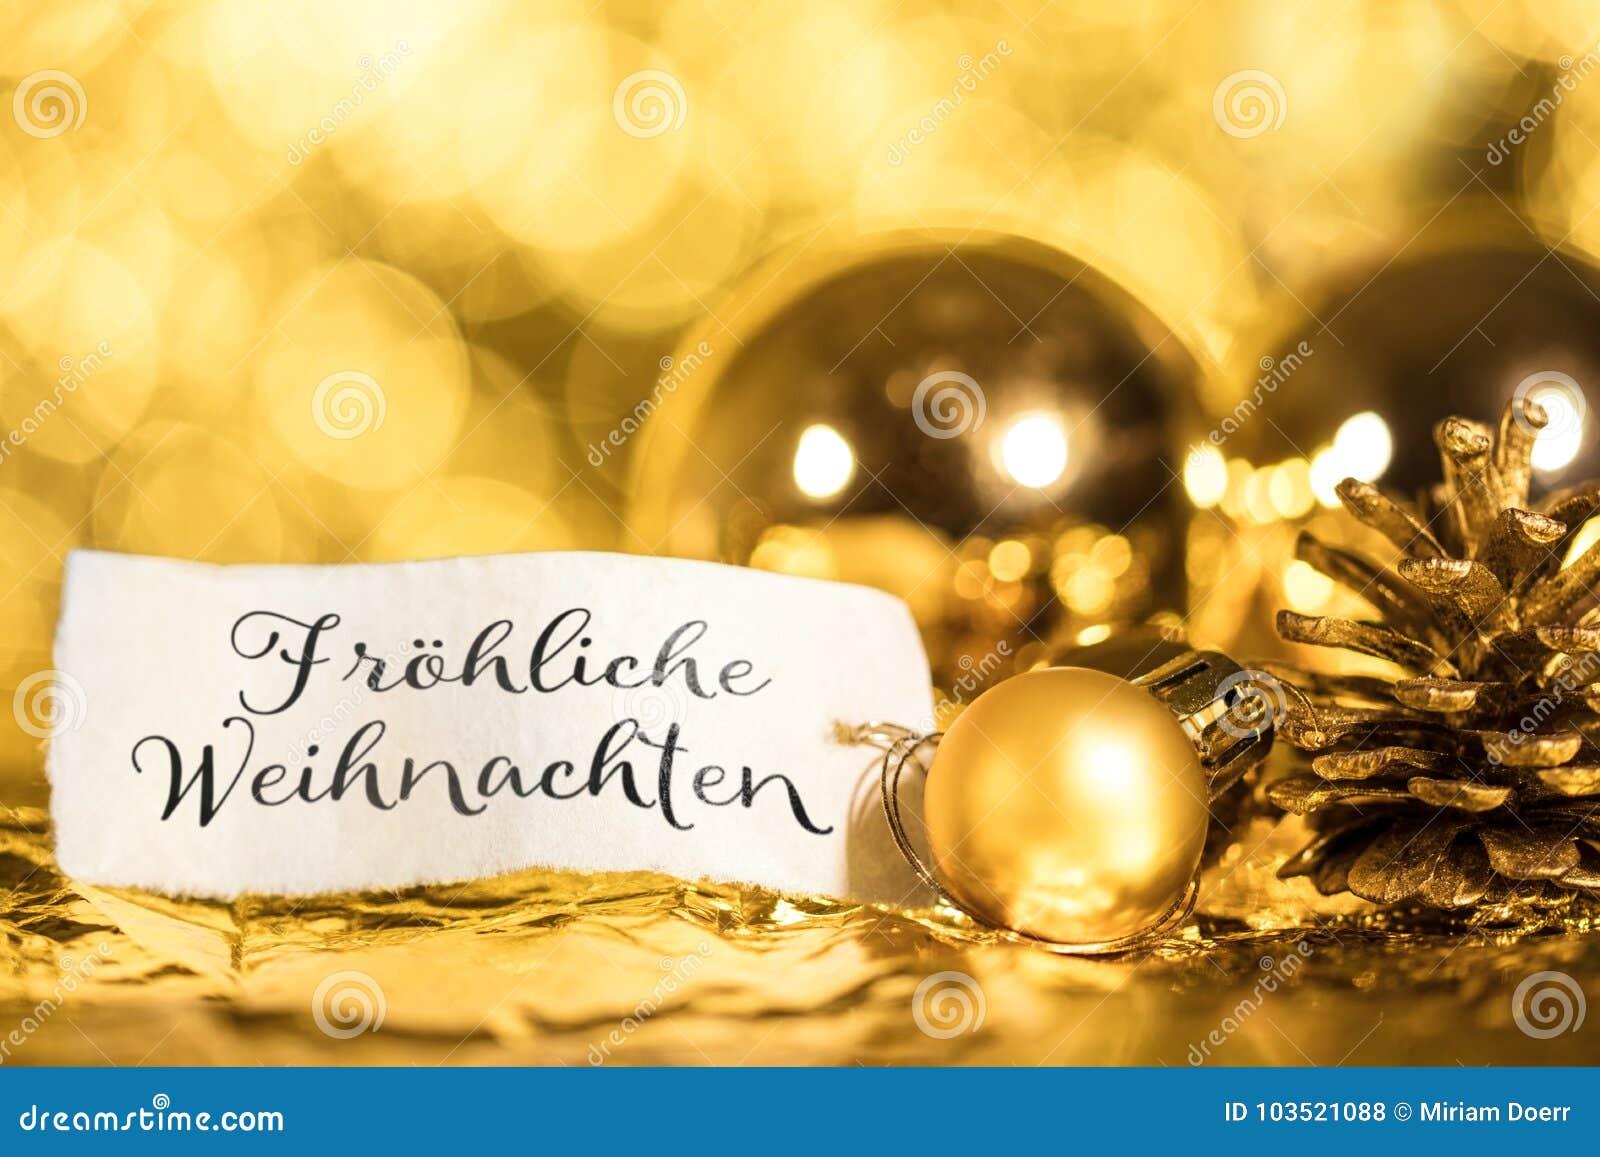 Buon Natale Que Significa.Fondo Dorato Di Natale Etichetta Con Testo Tedesco Fotografia Stock